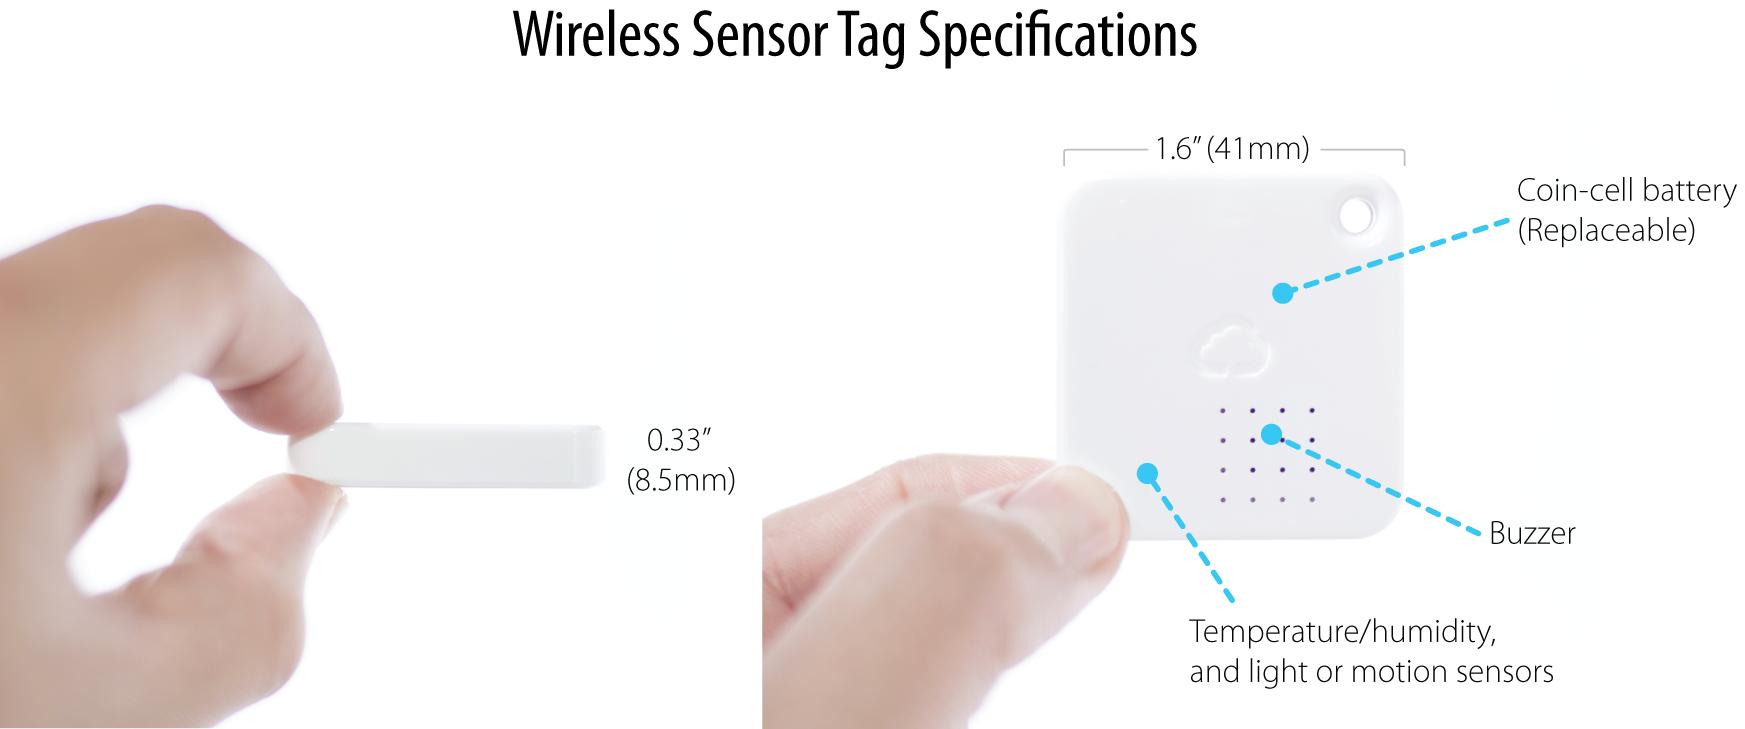 wireless tag specifications rh wirelesstag net